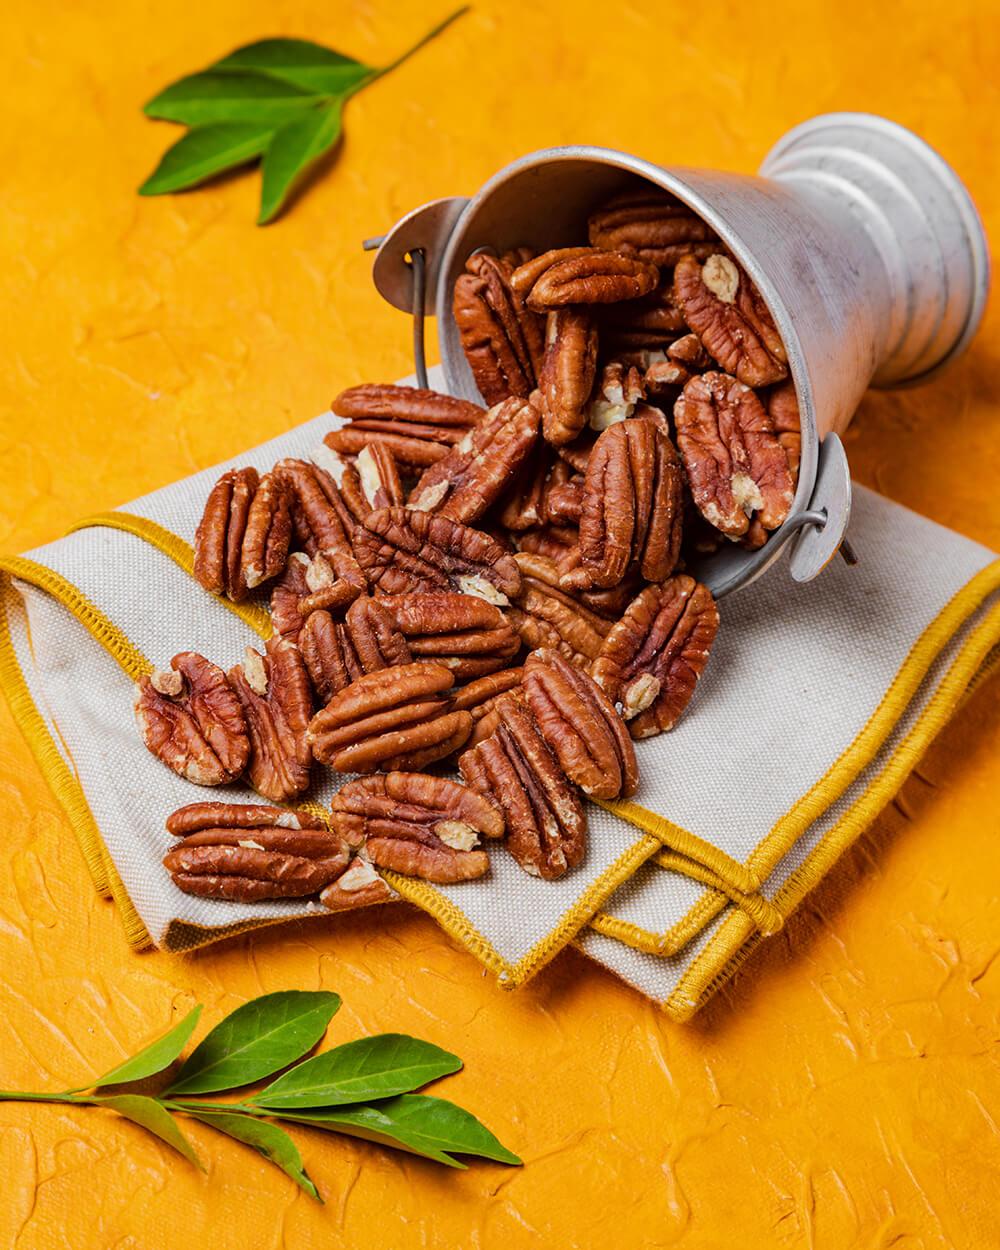 Pecan nut, USA